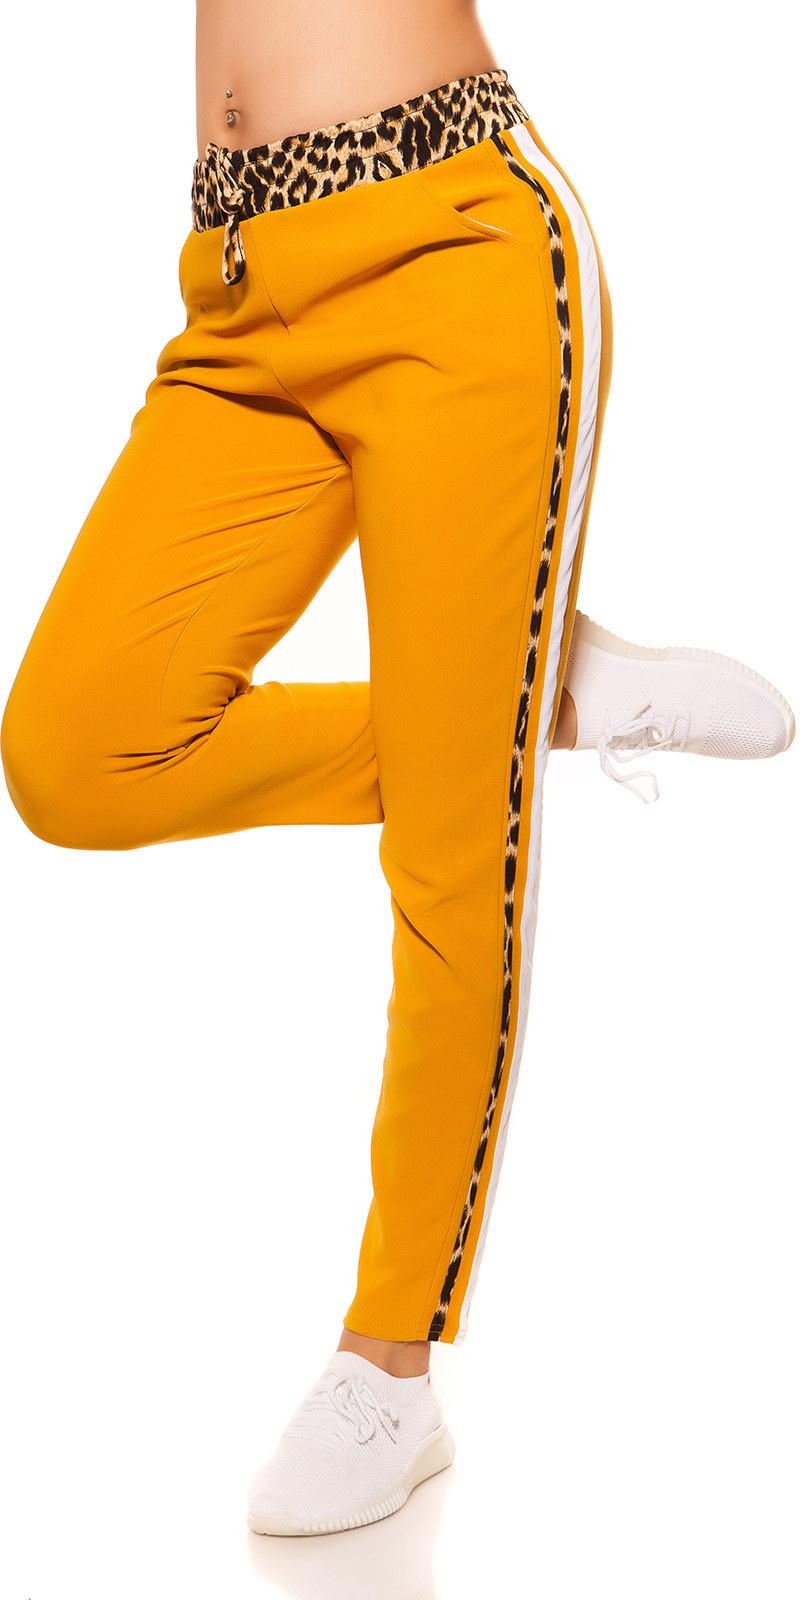 Trendy joggingbroek met luipaard contrast strepen mosterdgeel